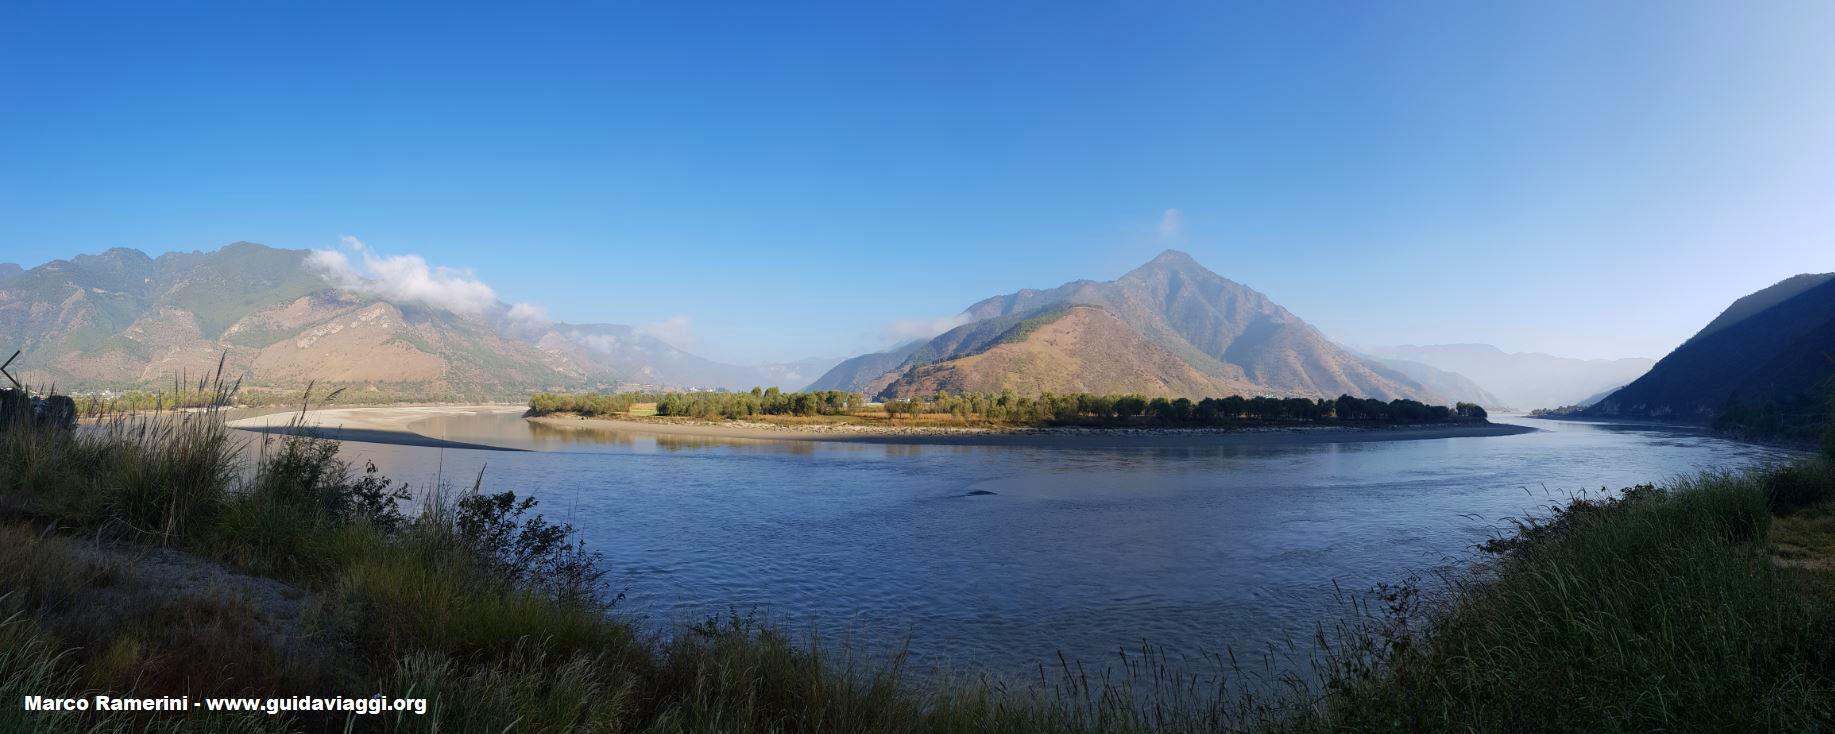 La curva del Yangtze (Río azul), Shigu, Yunnan, China. Autor y Copyright Marco Ramerini